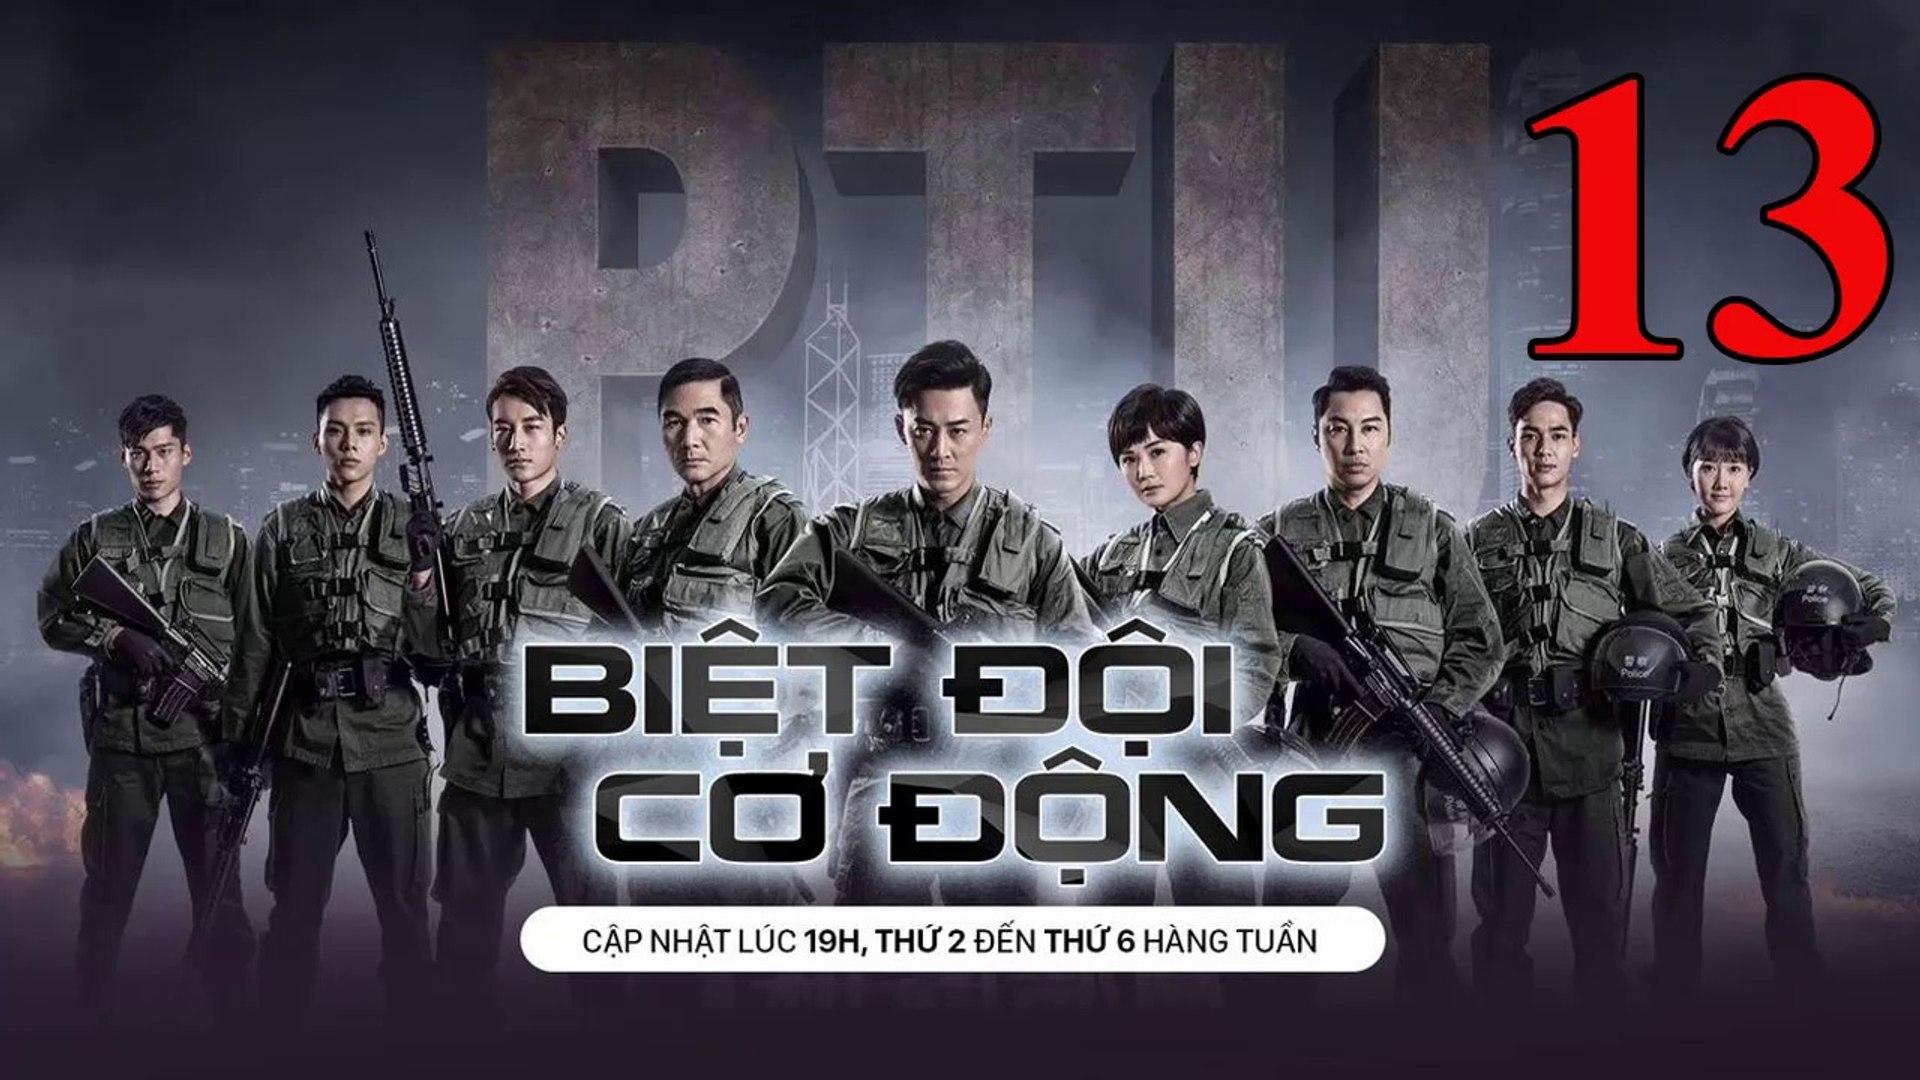 Phim Hành Động TVB: Biệt Đội Cơ Động Tập 13 Vietsub | 机动部队 Police Tactical Unit Ep.13 HD 2019